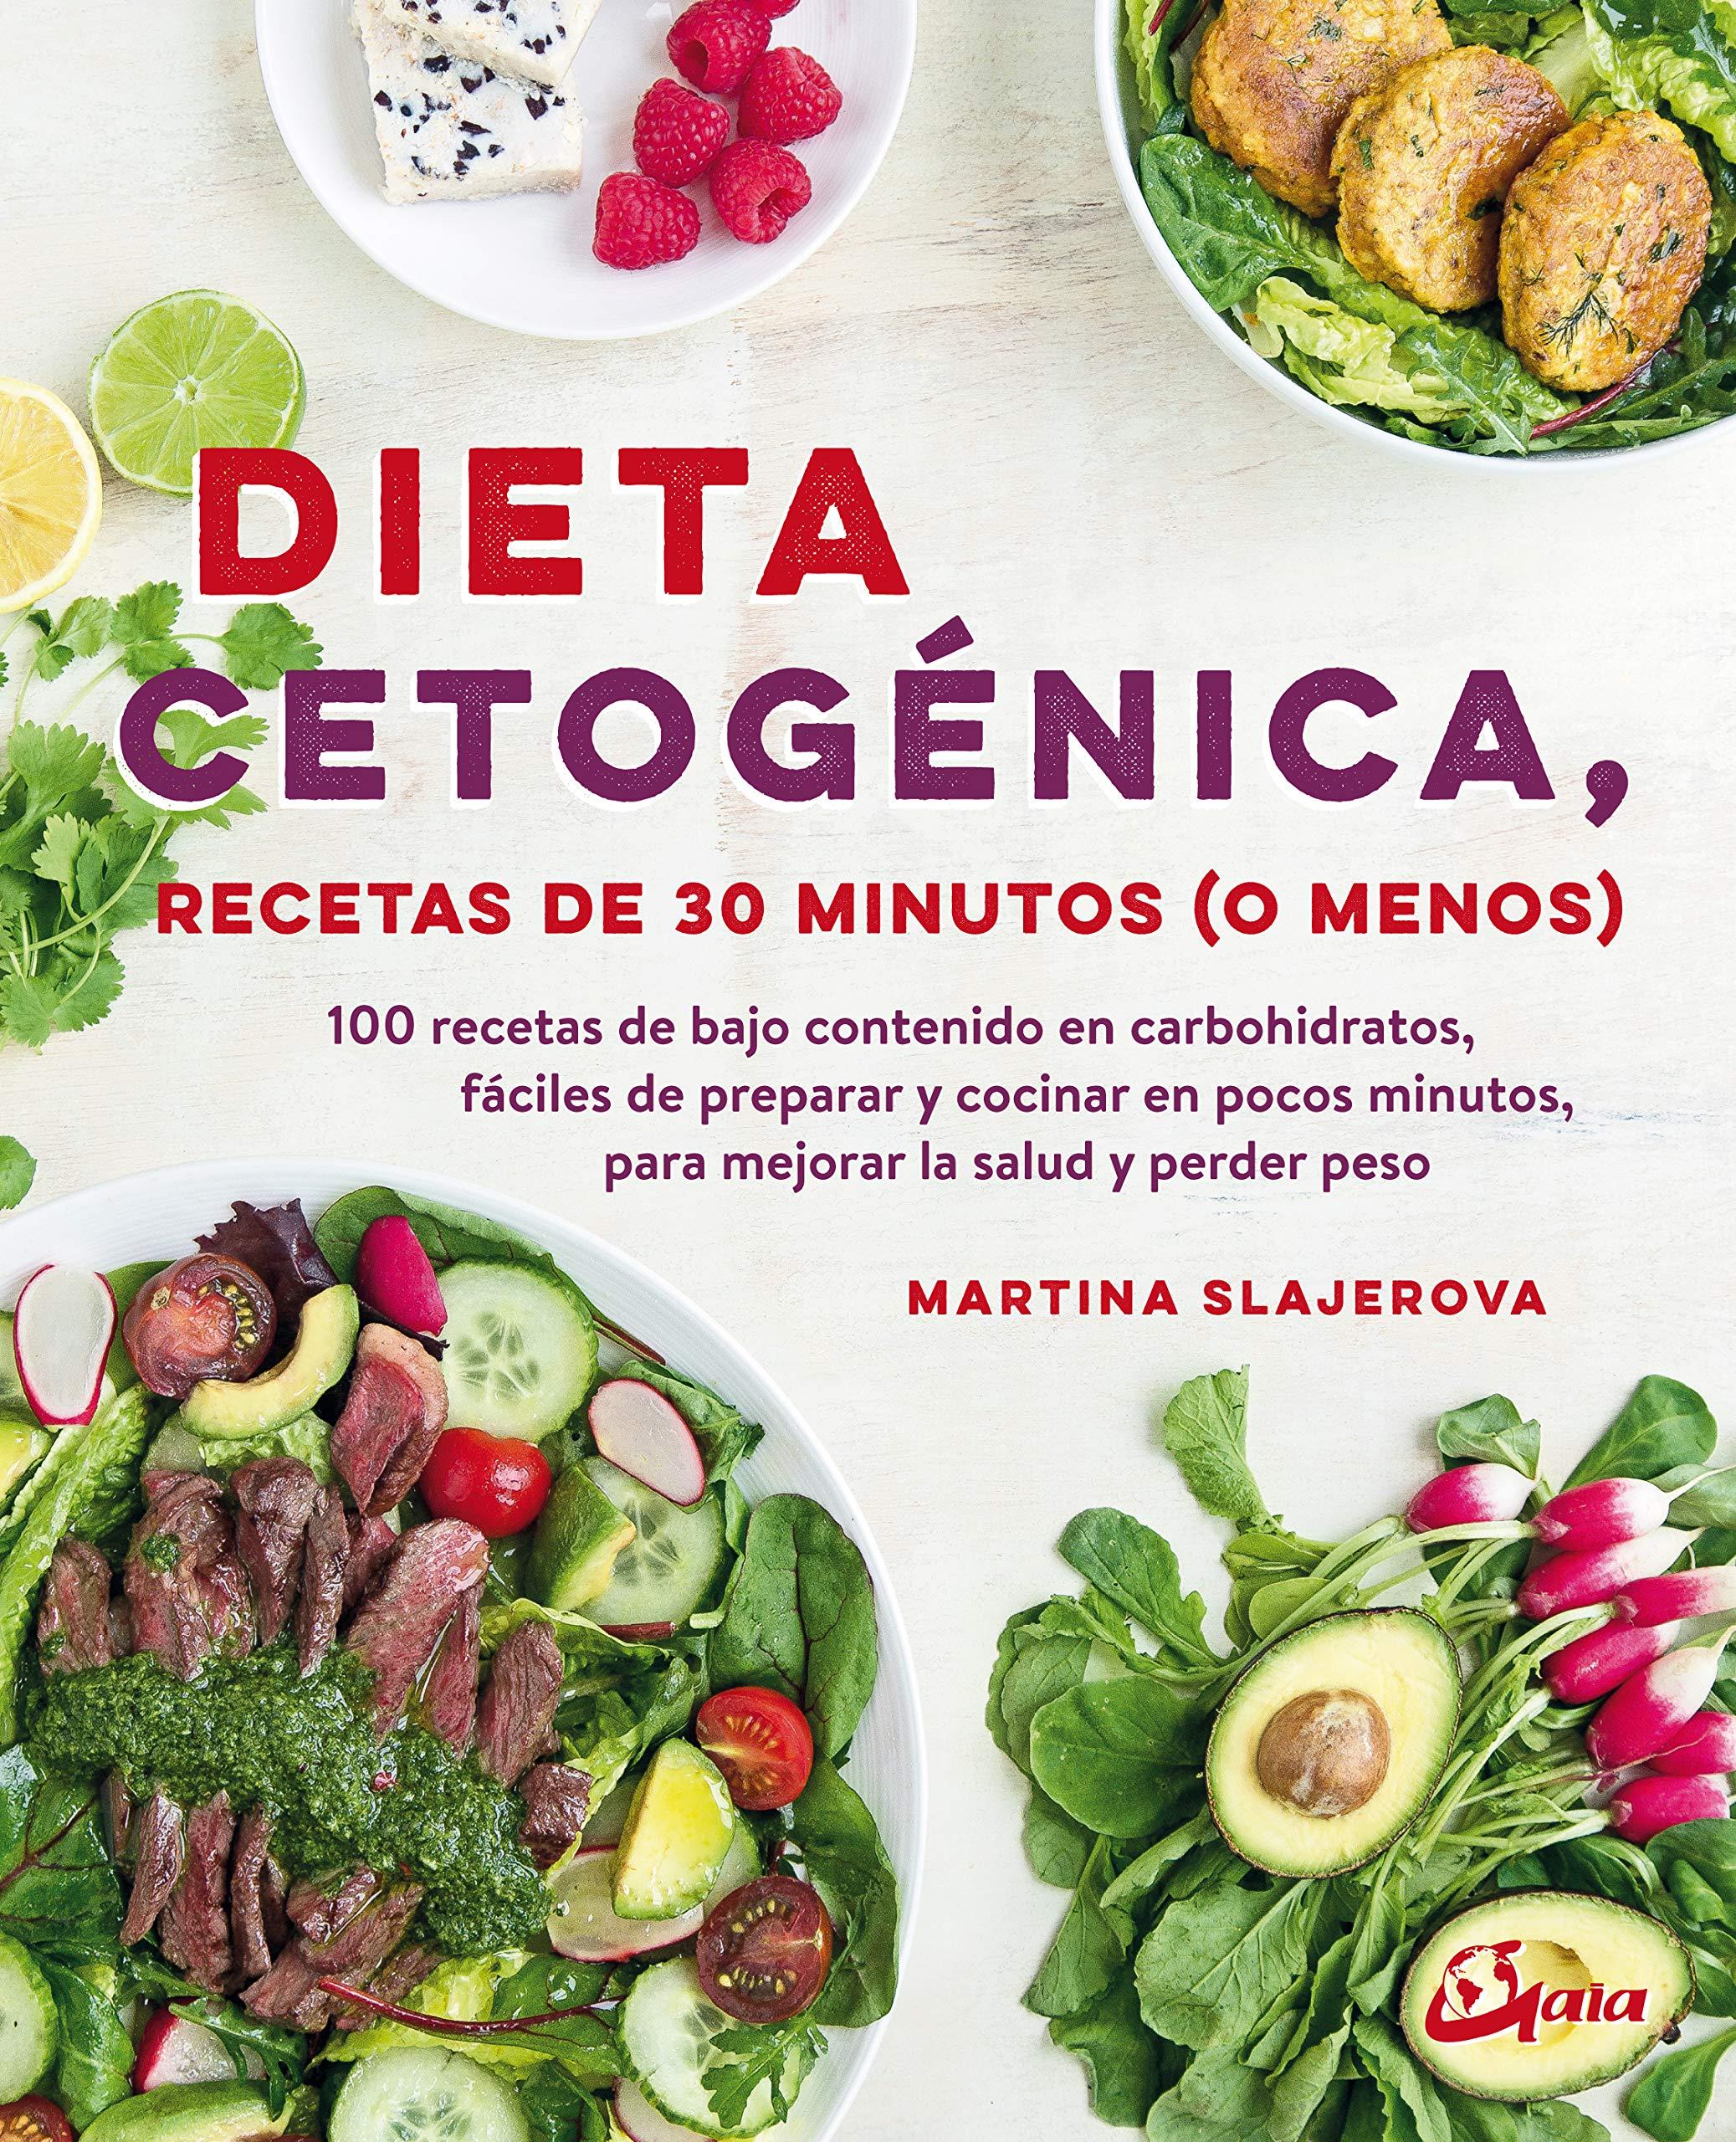 Dieta cetogénica, recetas de 30 minutos o menos